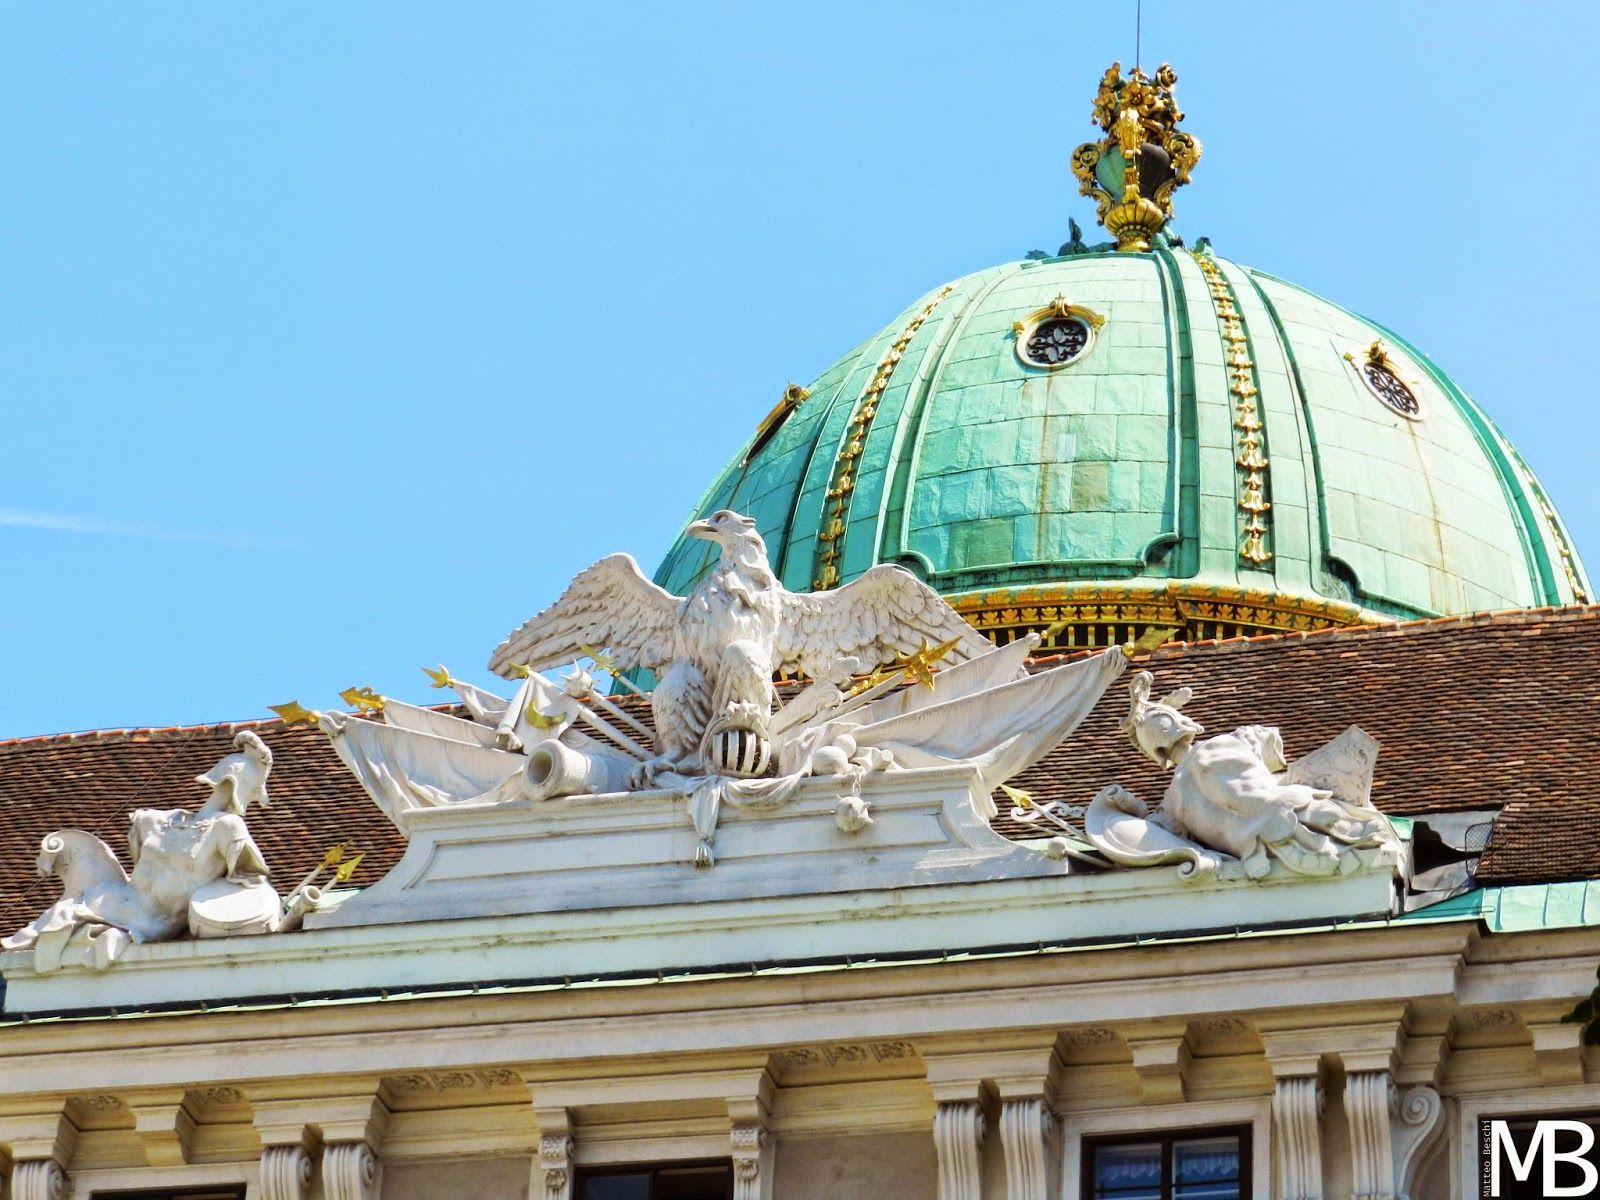 Dettaglio palazzo - Wien